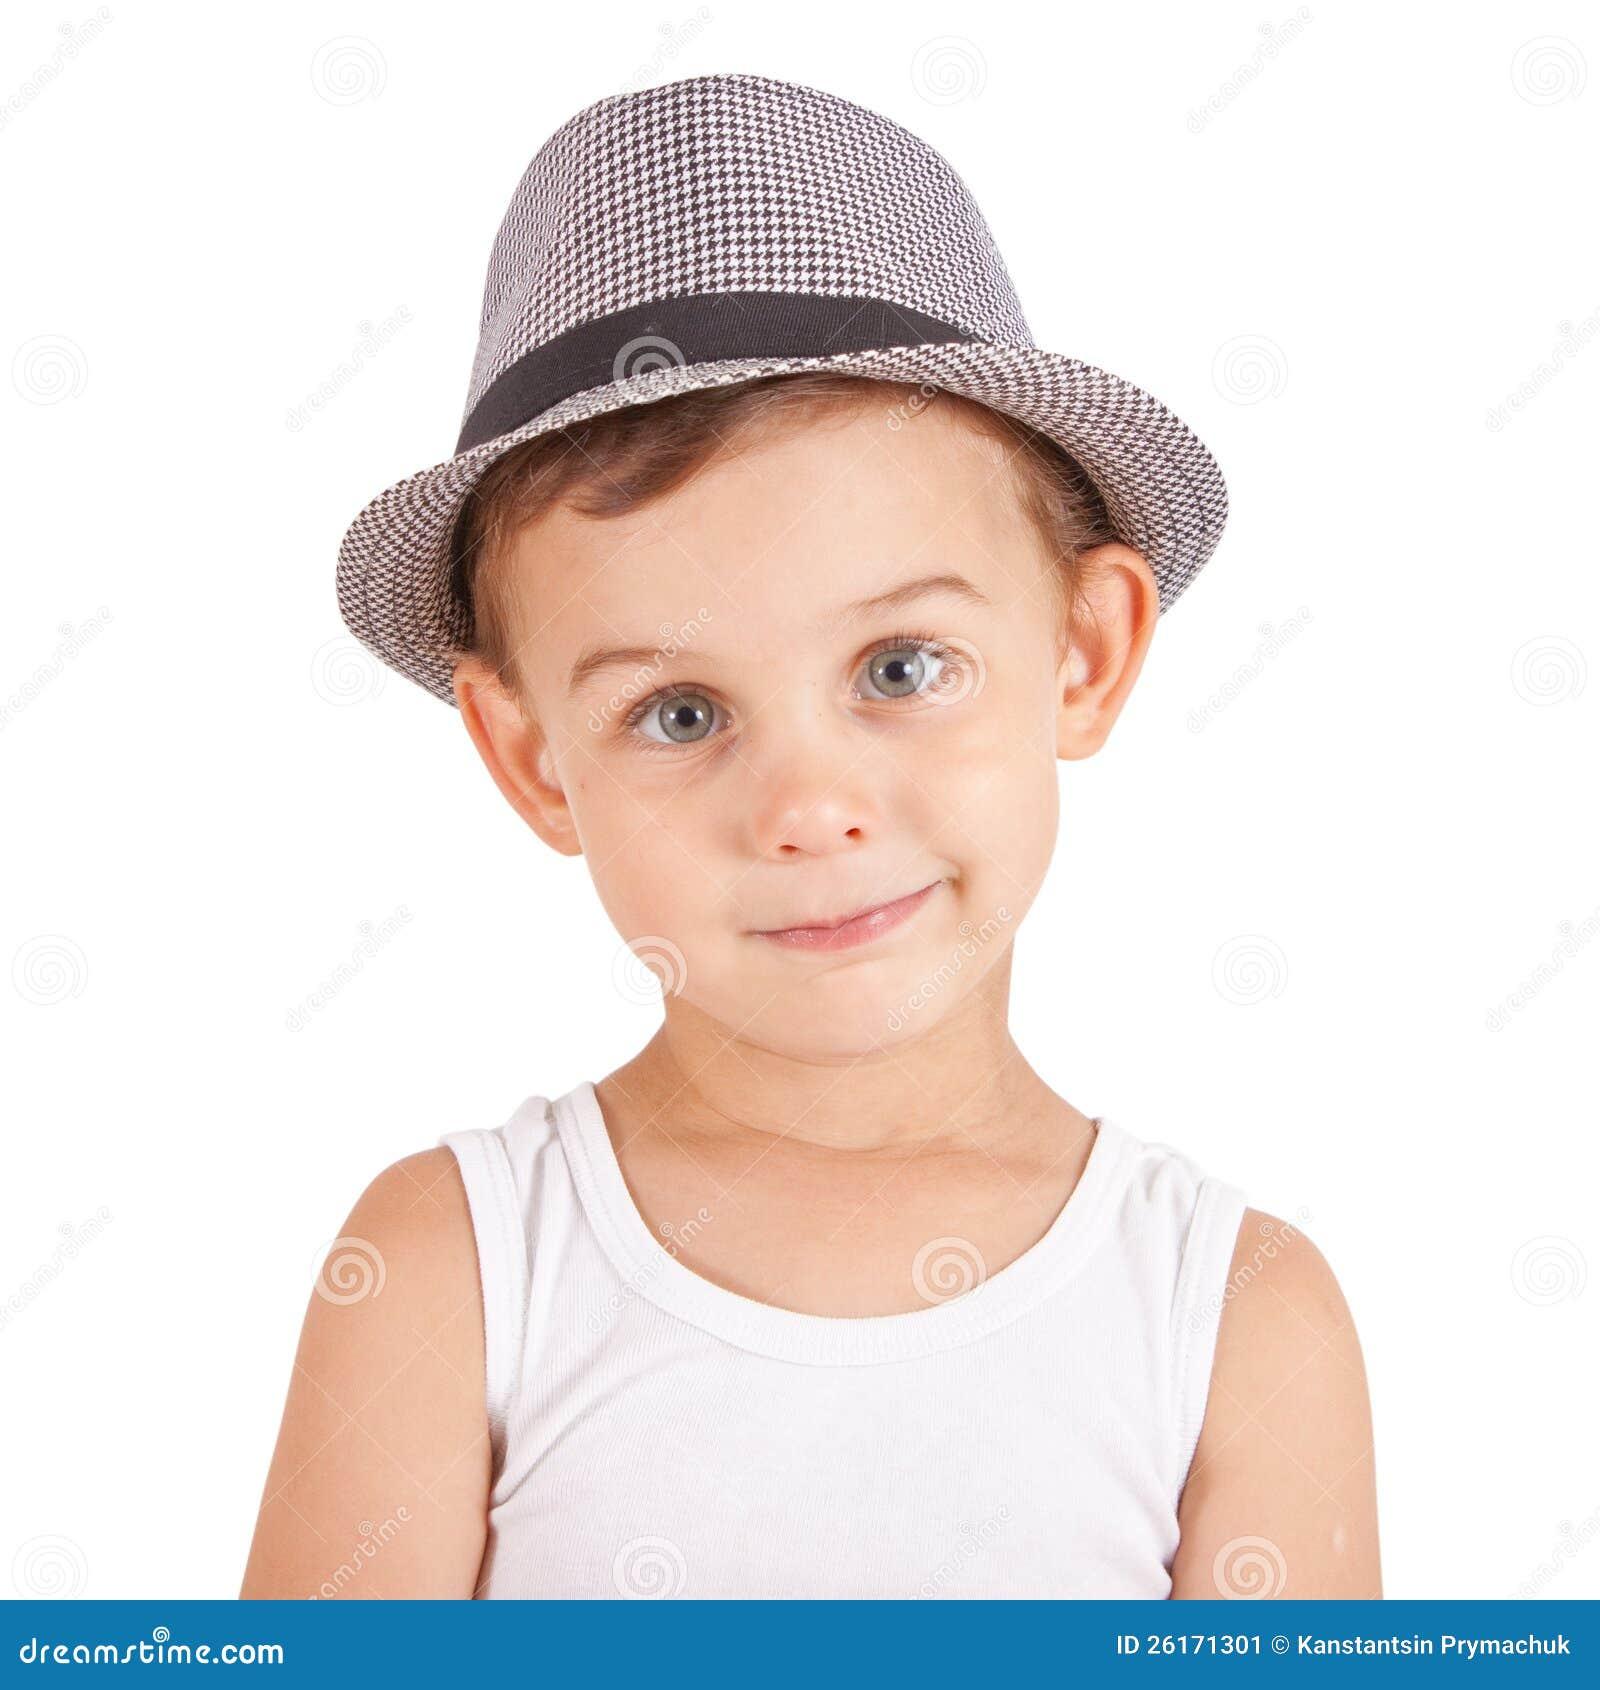 Niño pequeño con estilo fresco en un sombrero. Aislado en el fondo blanco.  Caminos de recortes incluidos. d02432f71b3